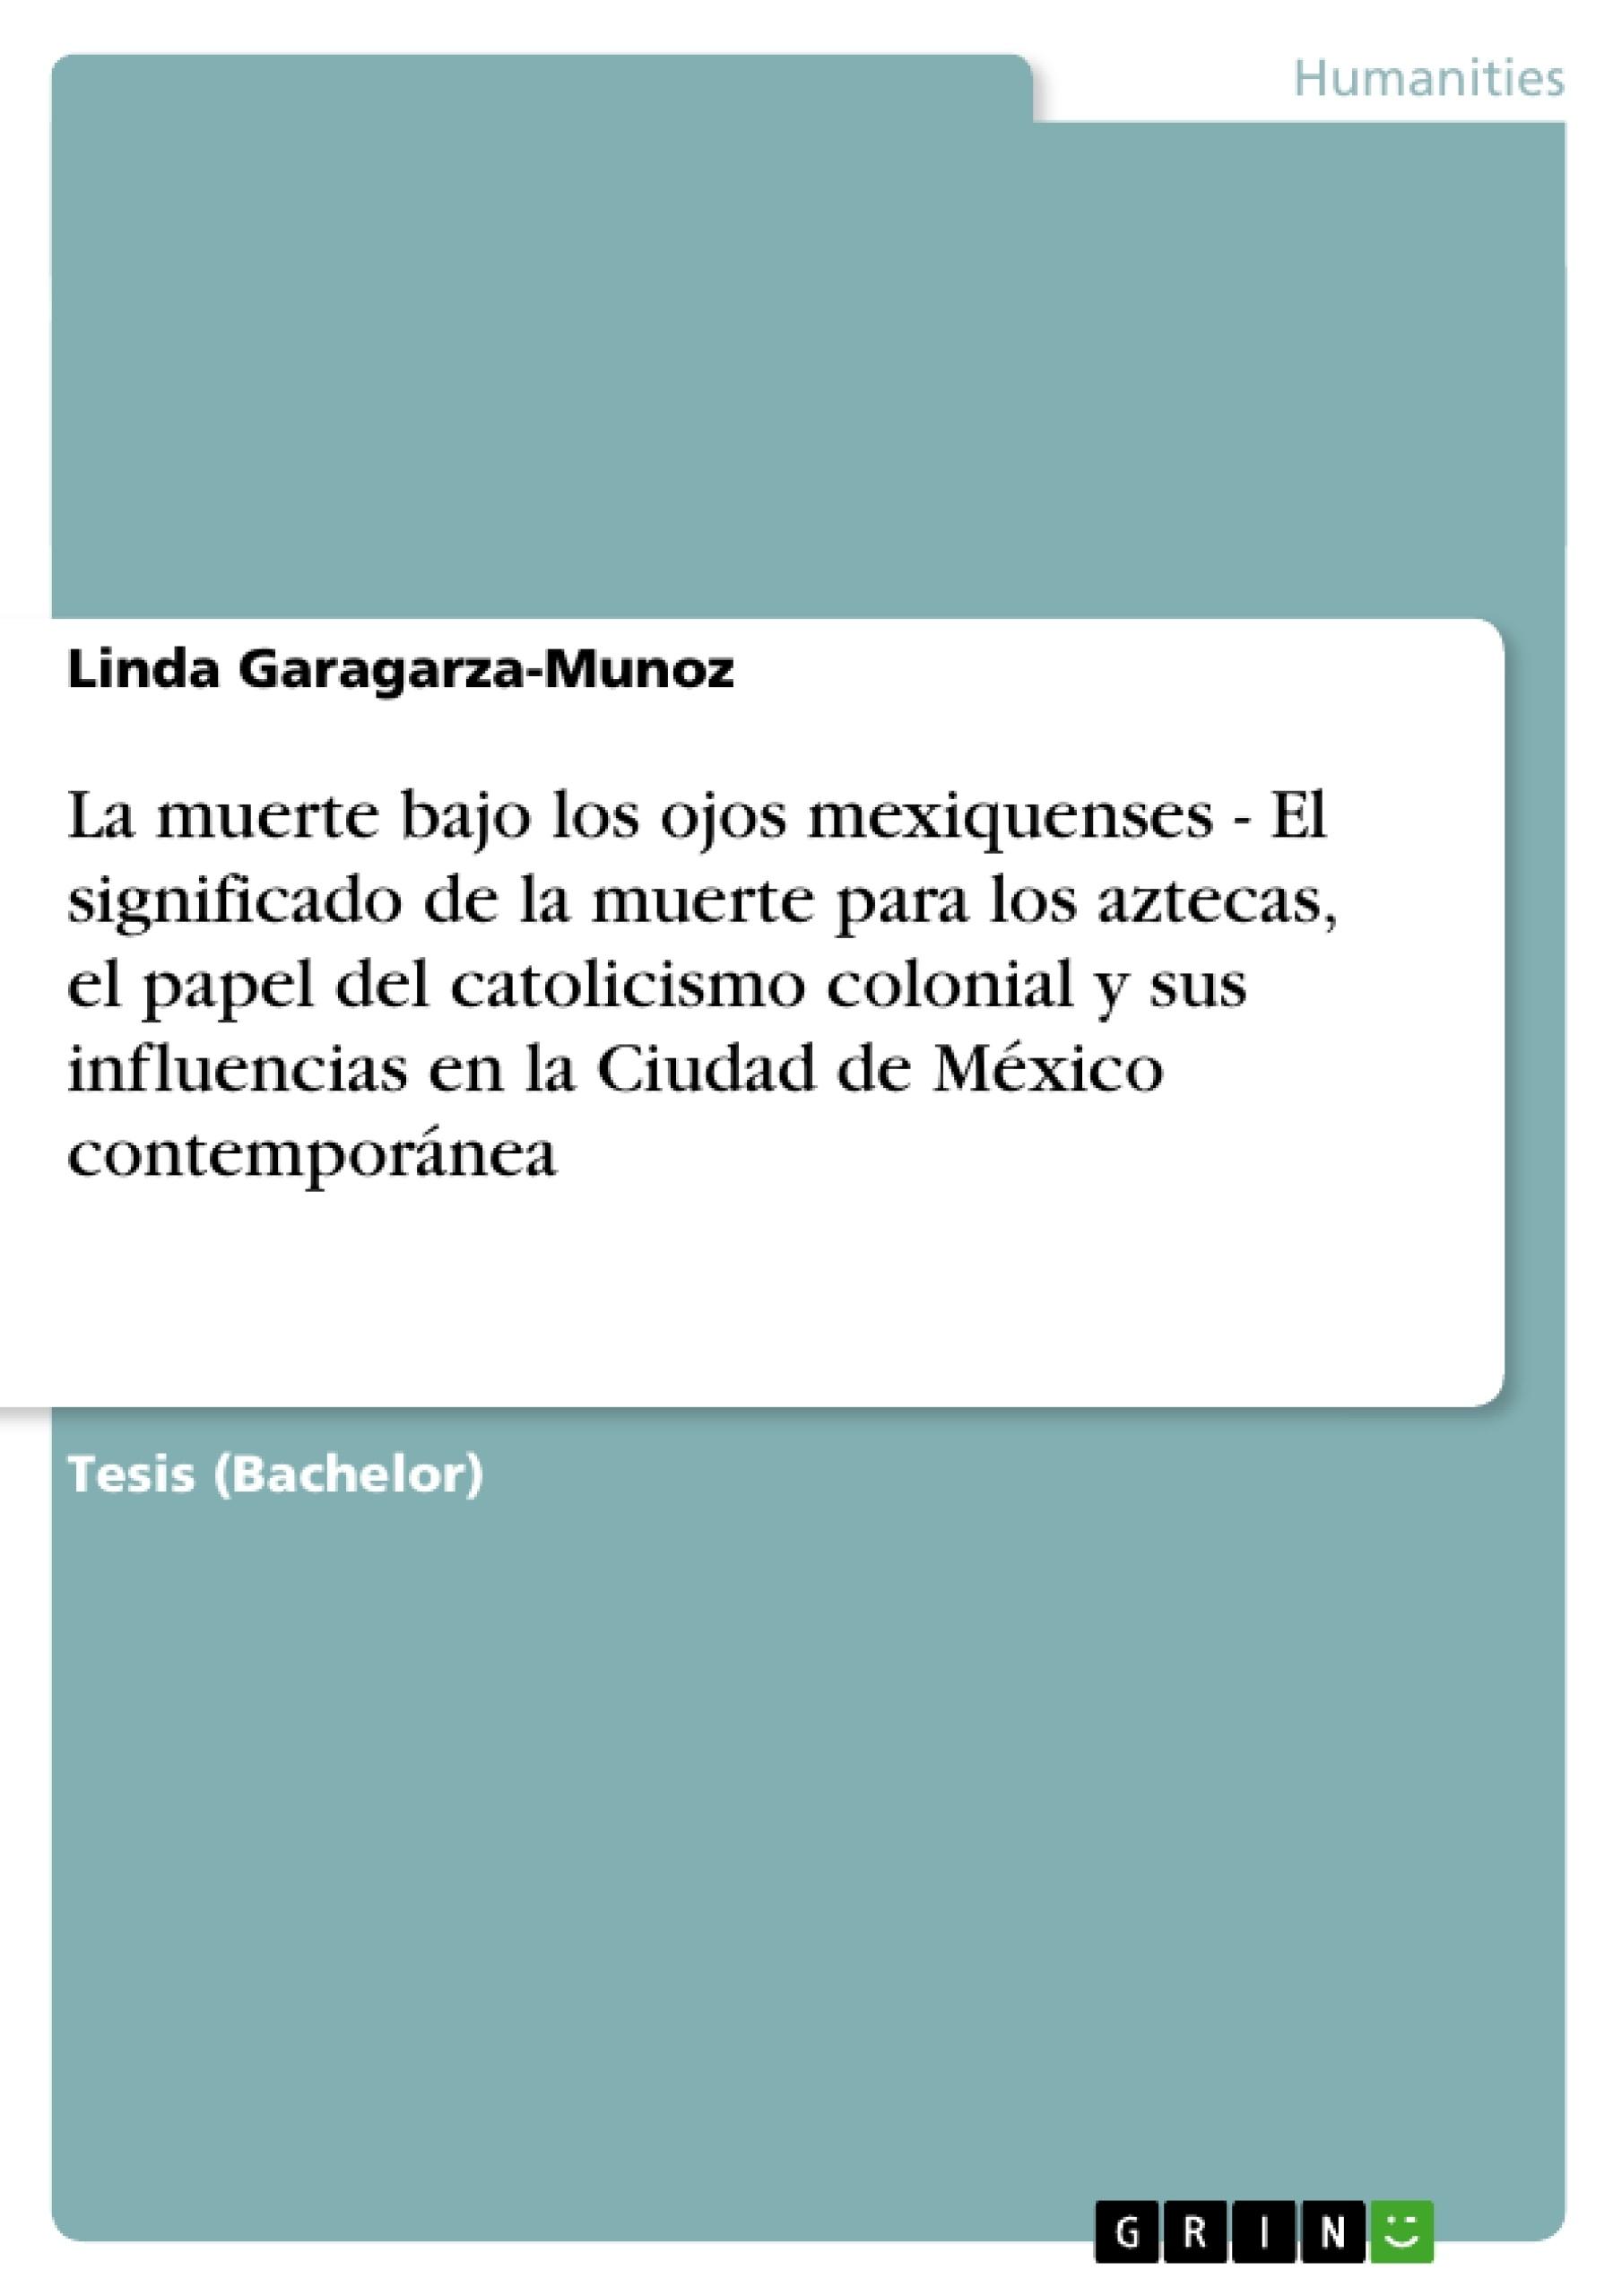 La Muerte Bajo Los Ojos Mexiquenses El Significado De La Muerte